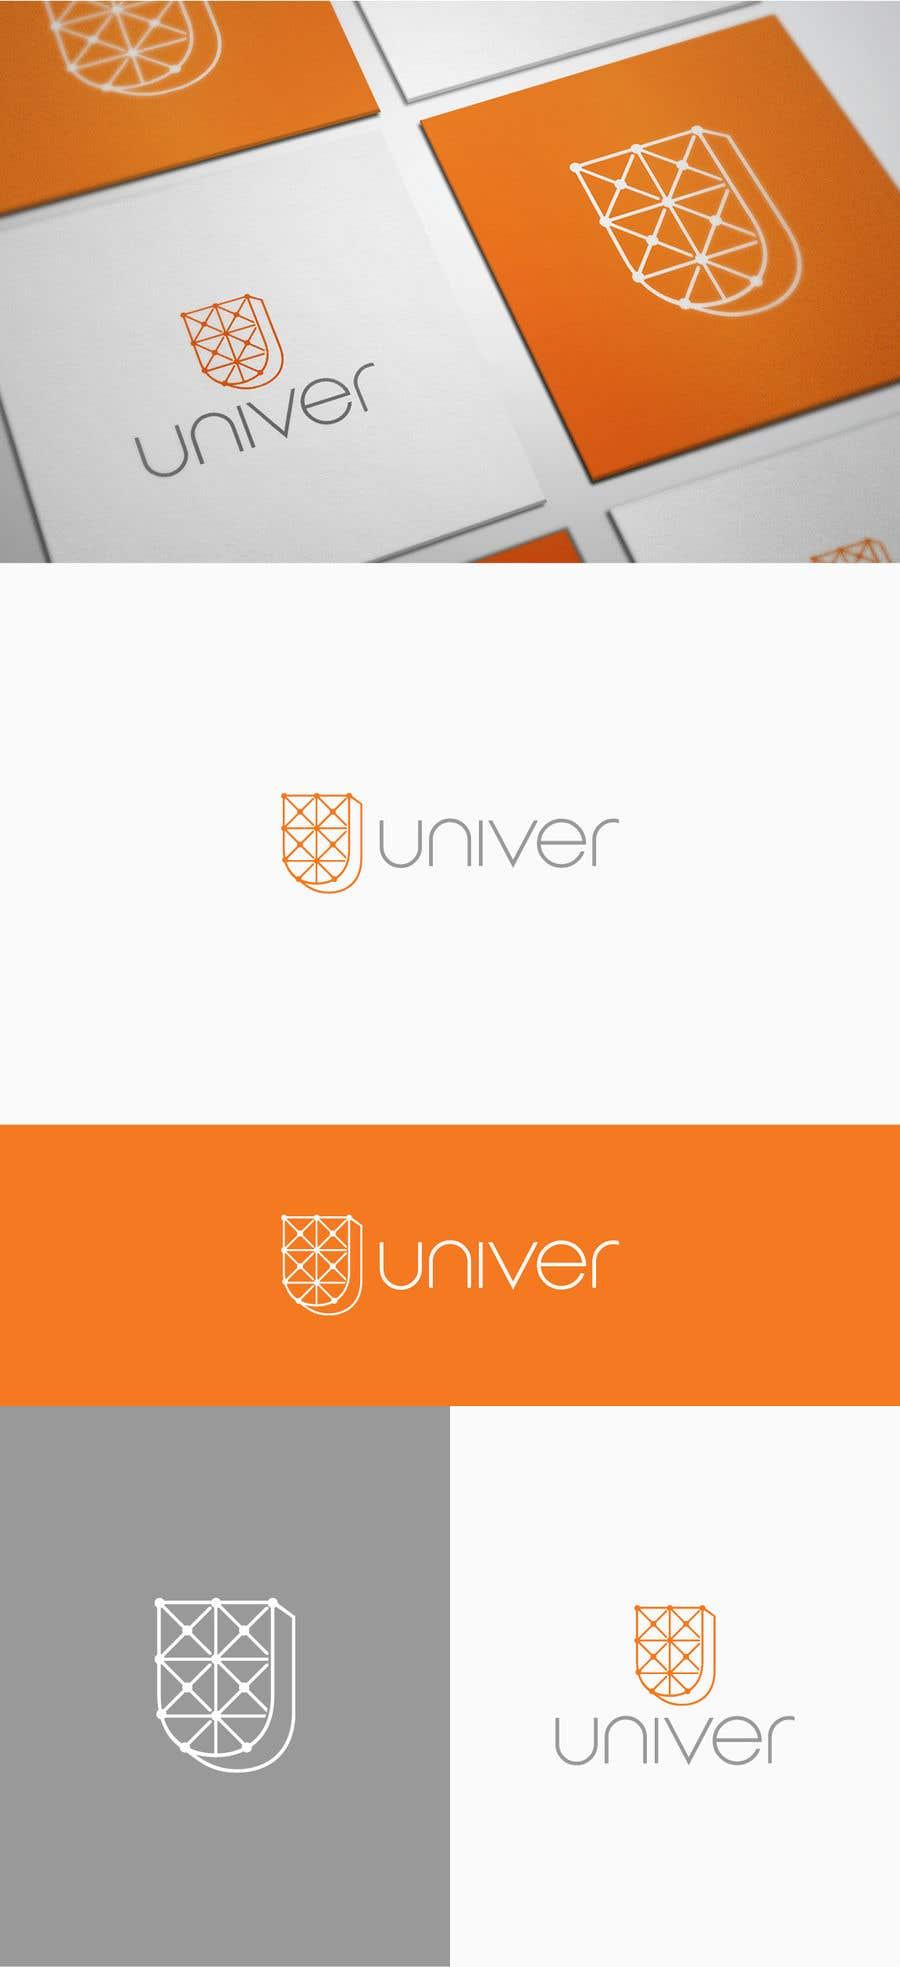 Bài tham dự cuộc thi #209 cho Univer logo